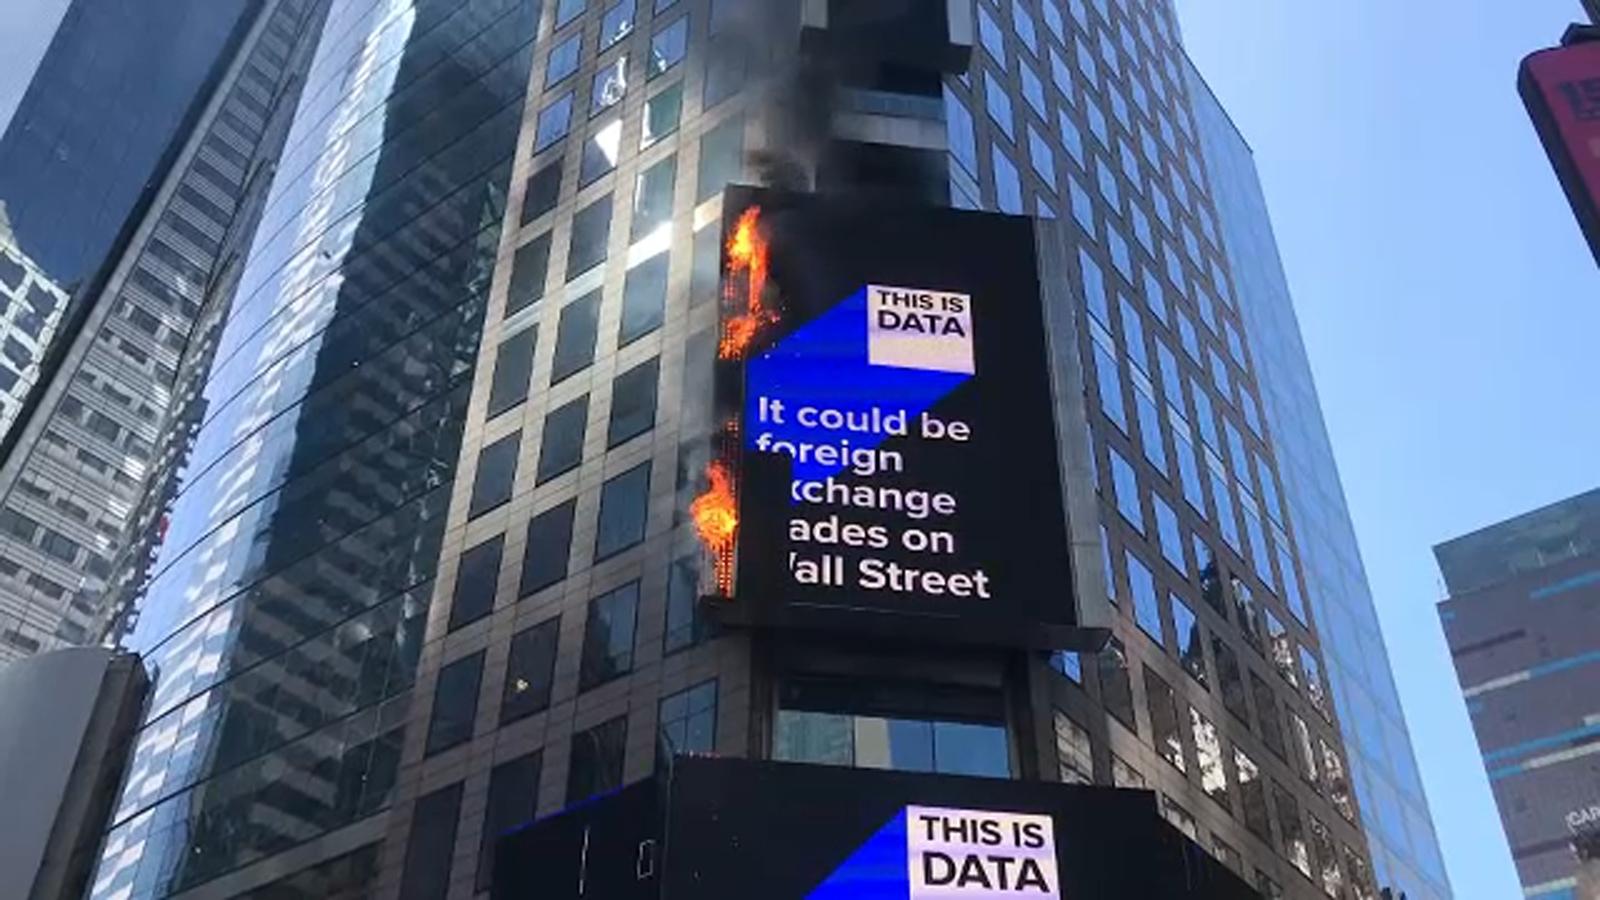 5307069 051819 wabc billboard fire img